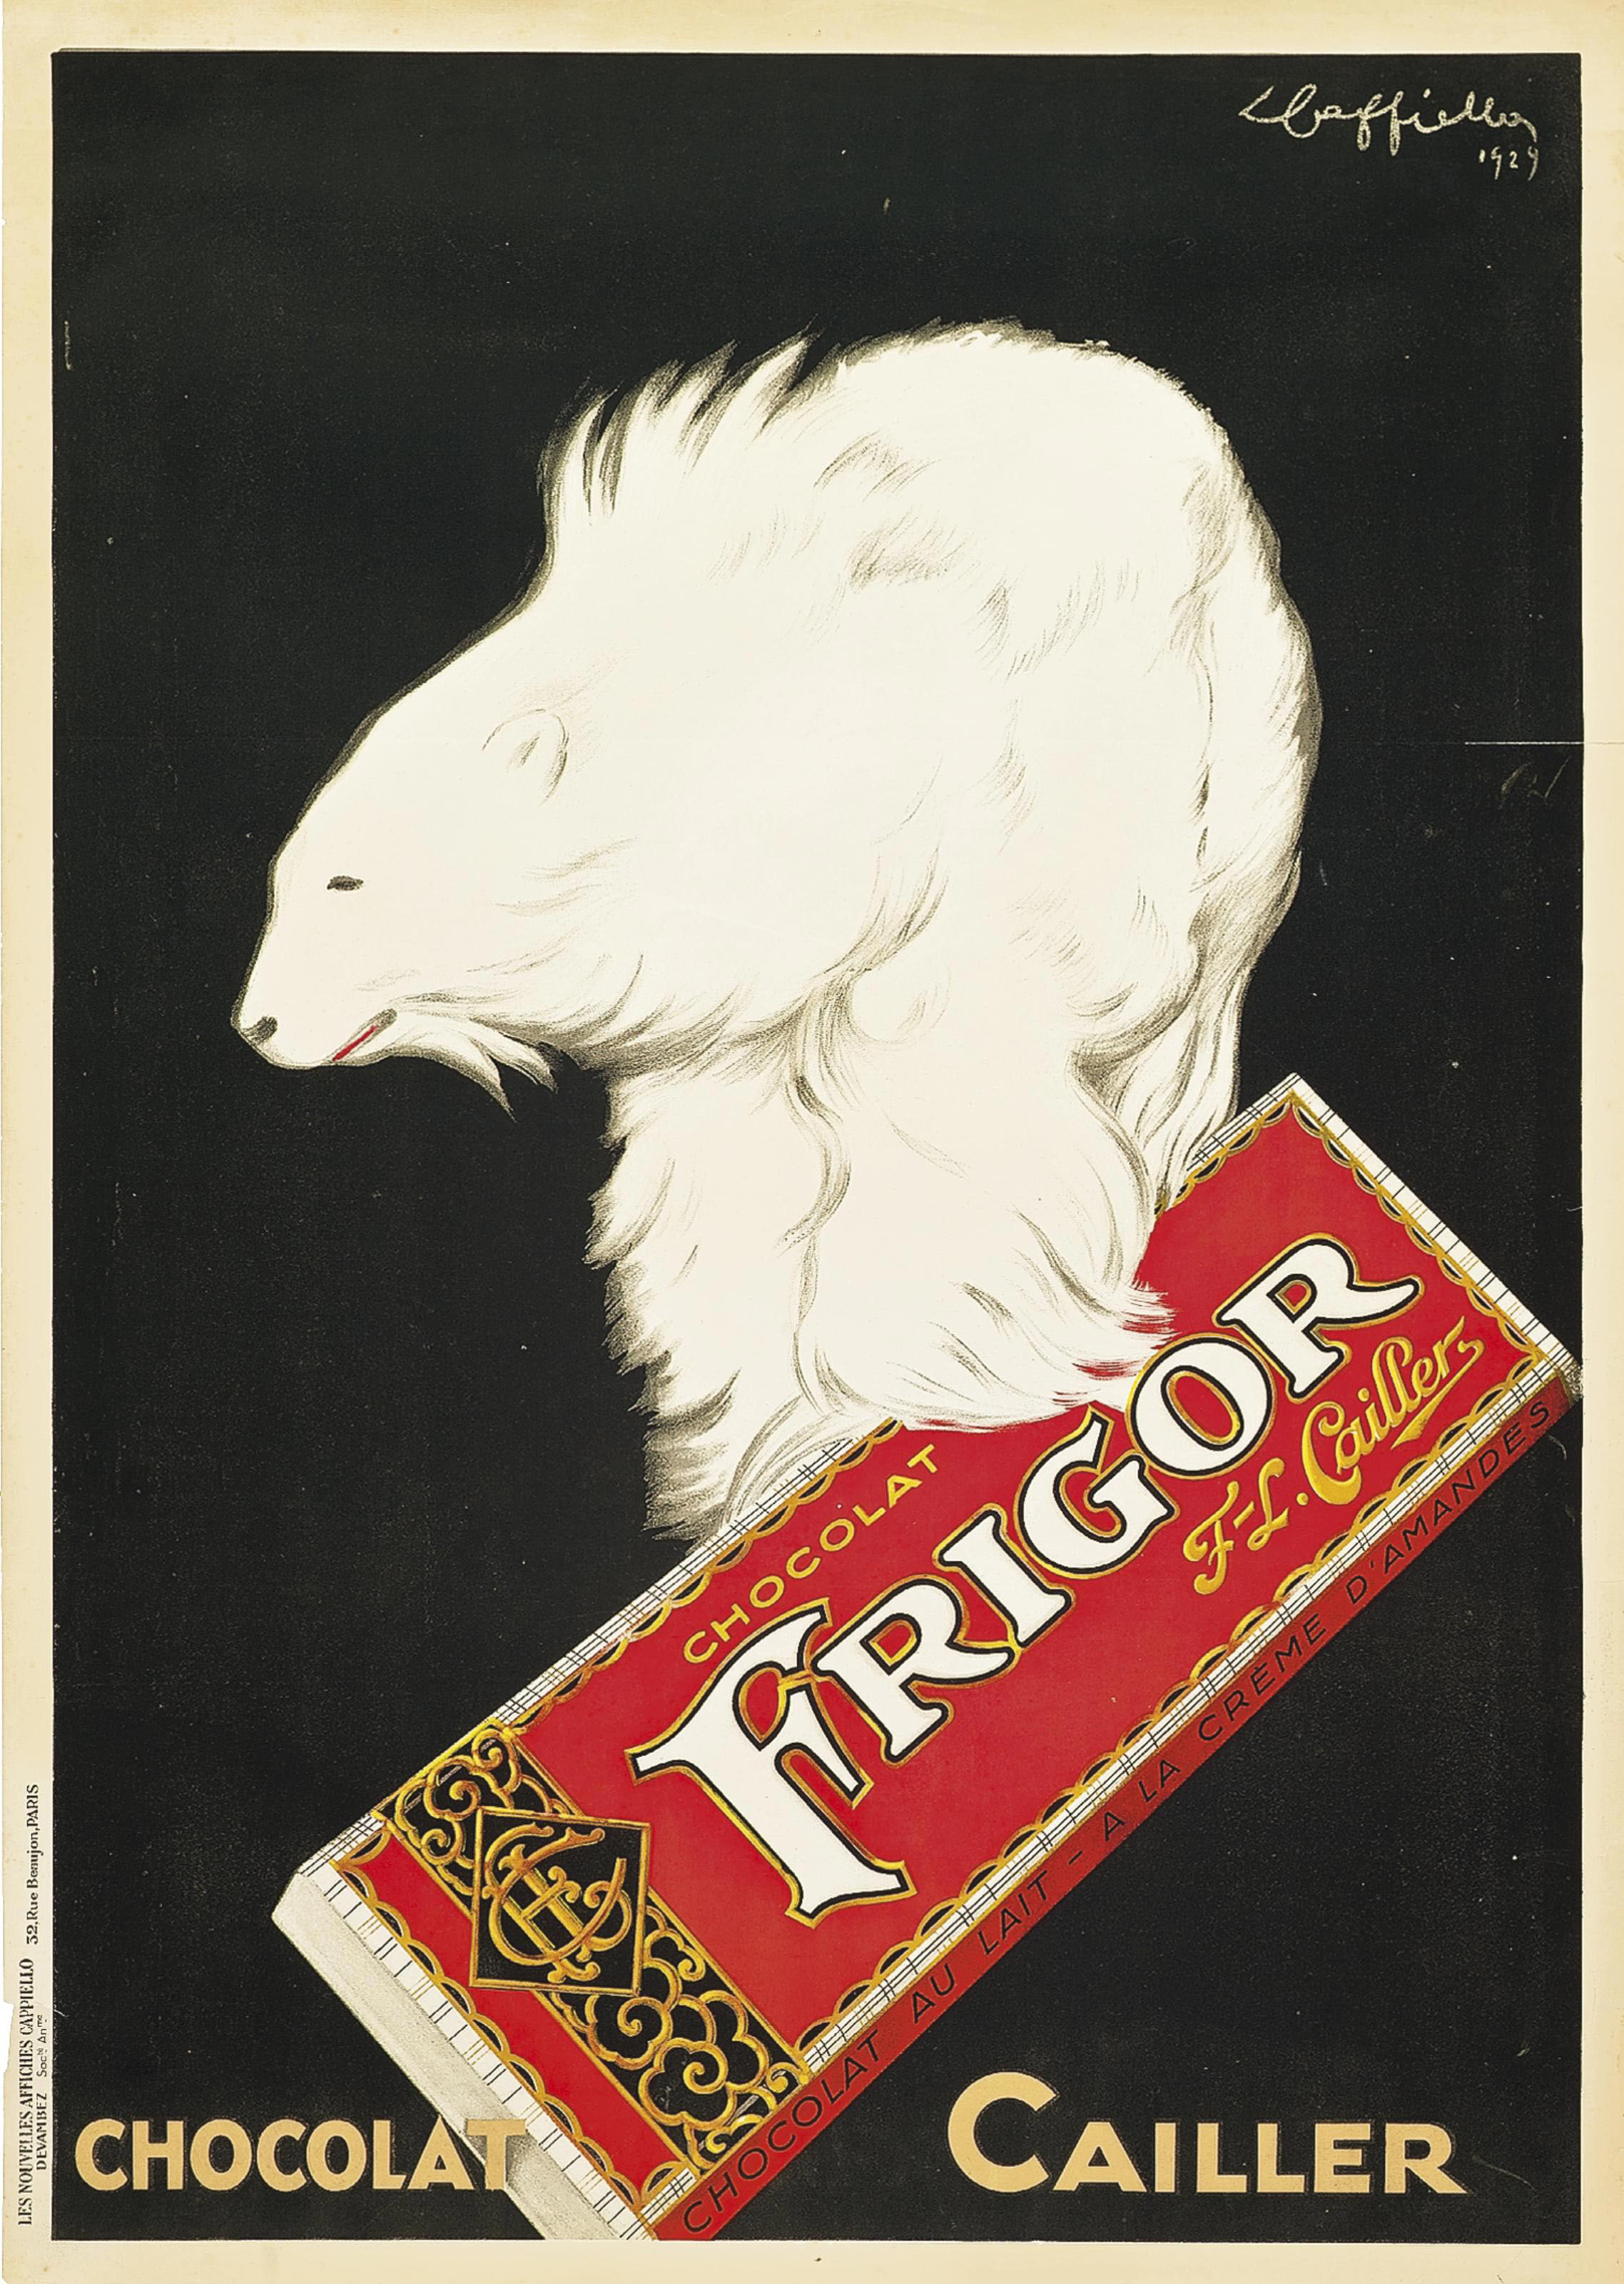 FRIGOR, CHOCOLAT CAILLER